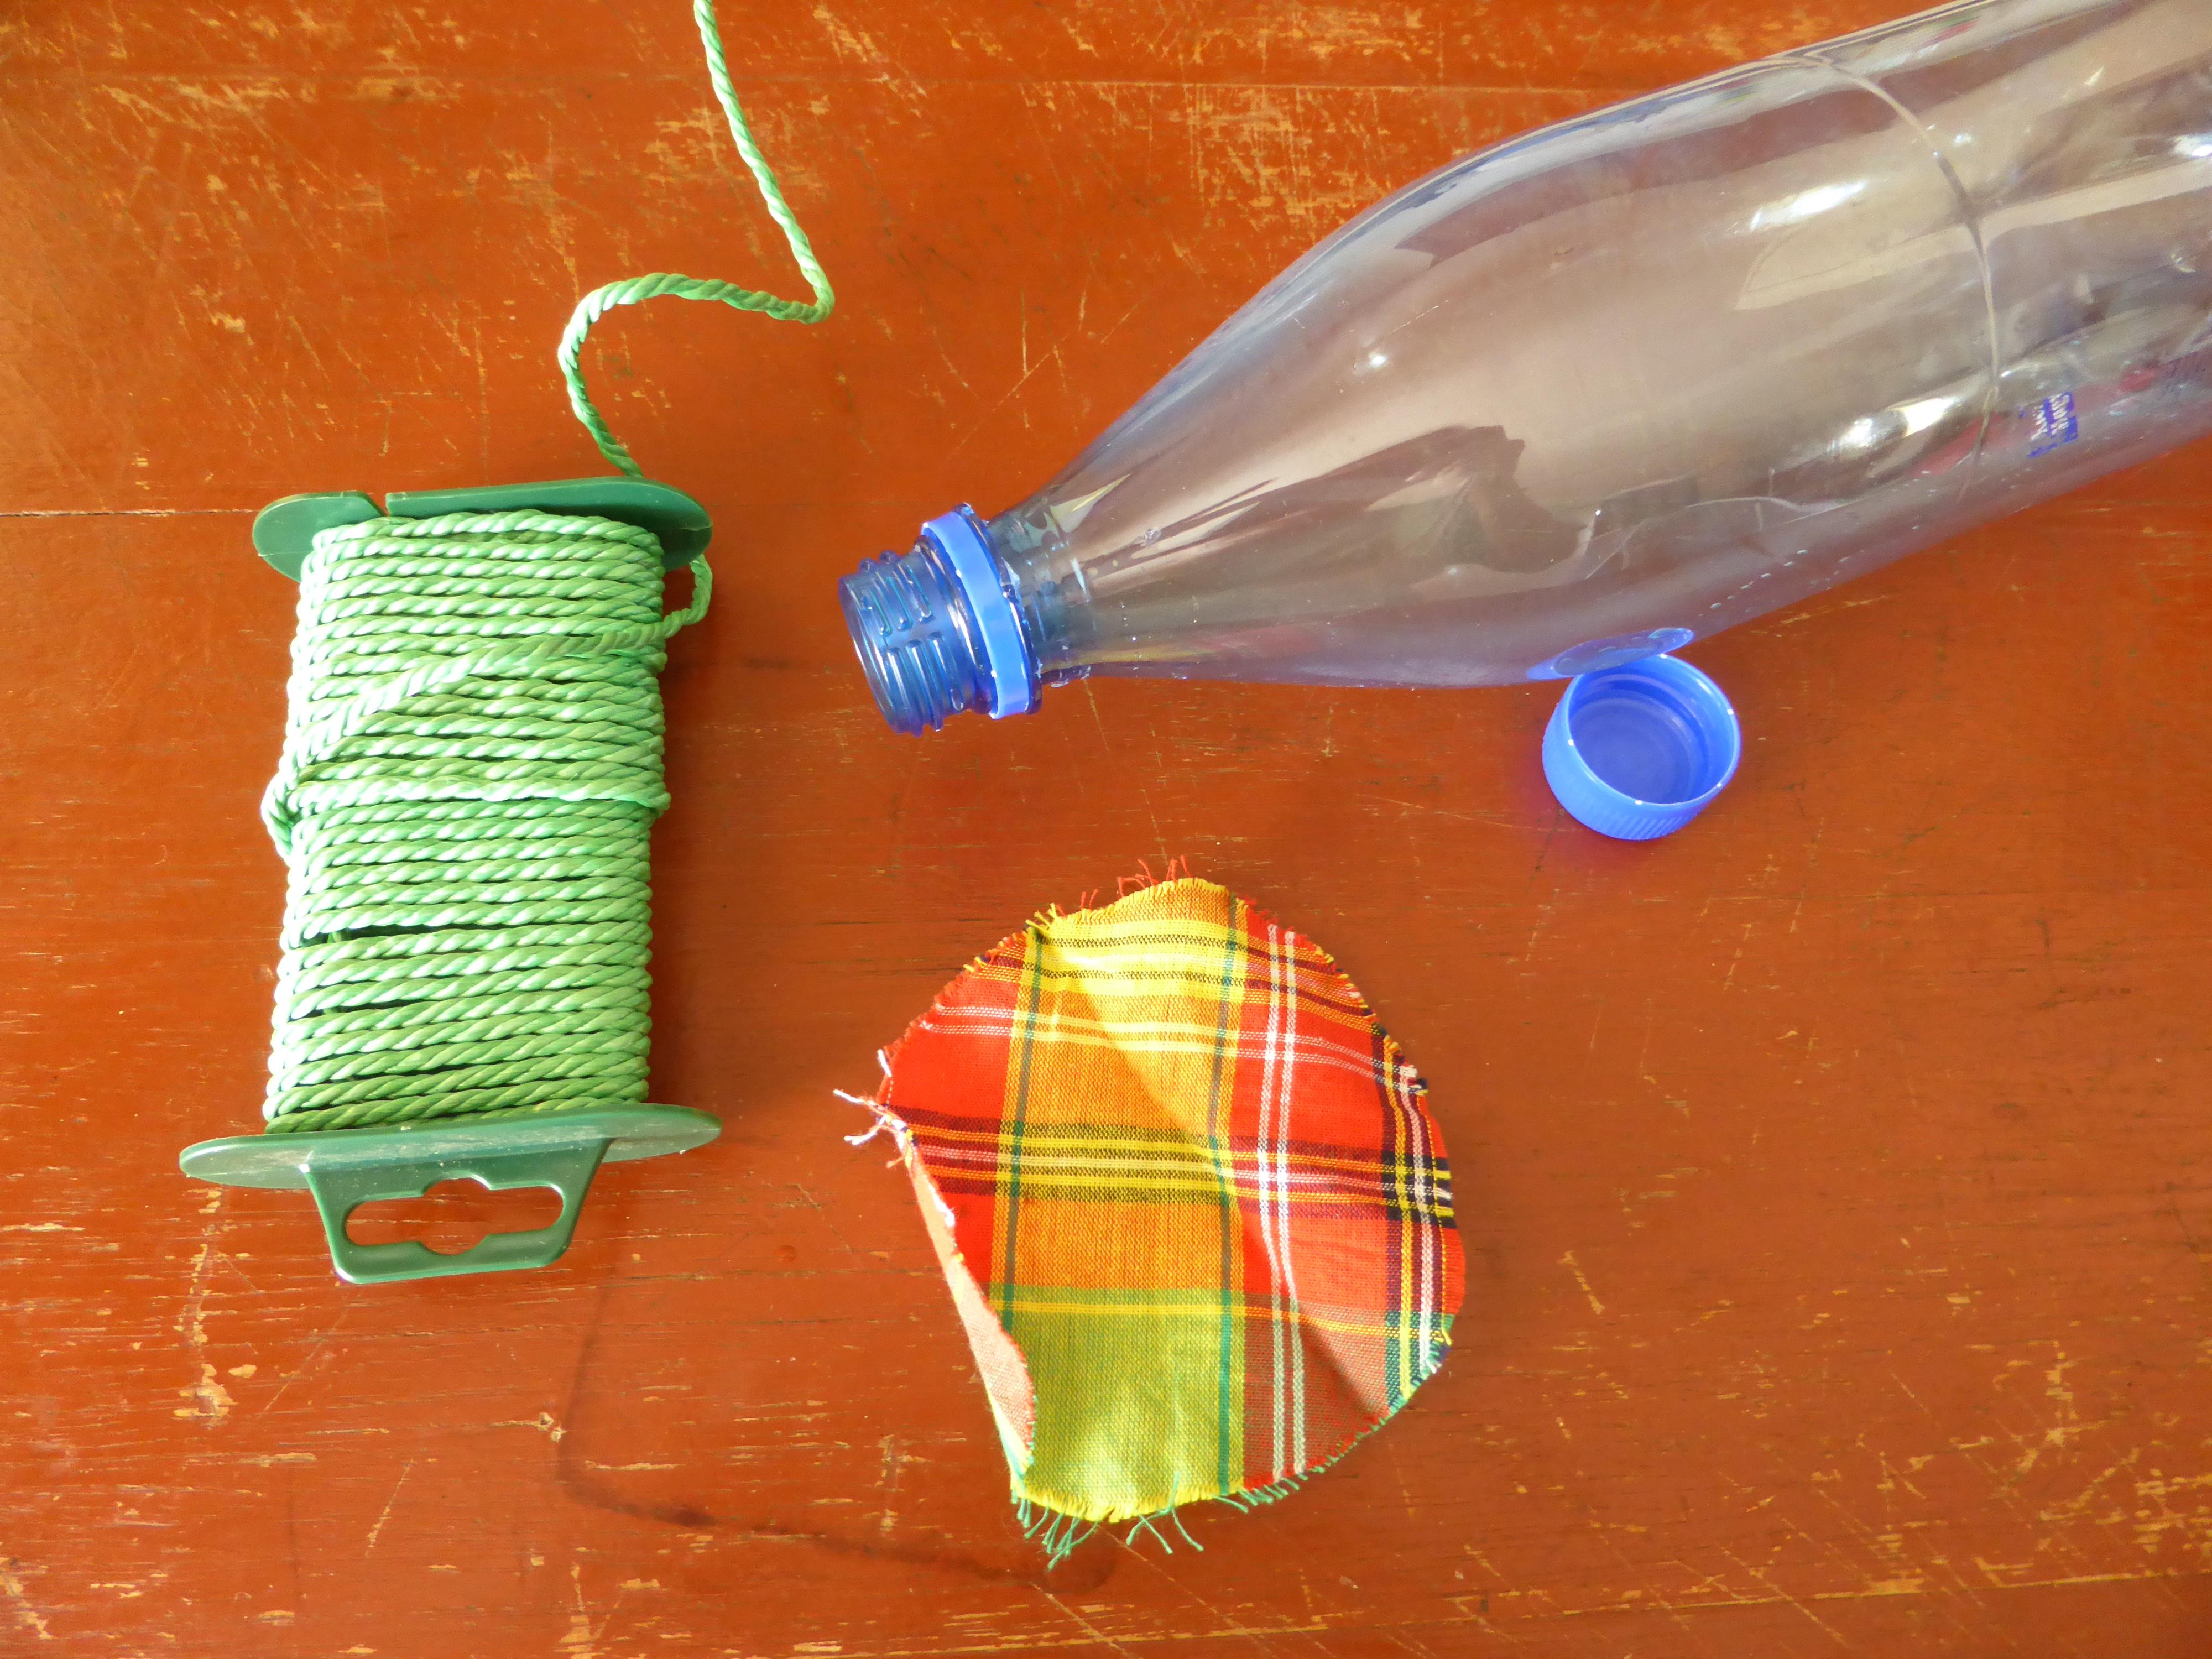 Fabriquer un déshumidificateur avec des huiles essentielles pour lutter contre les moisissures